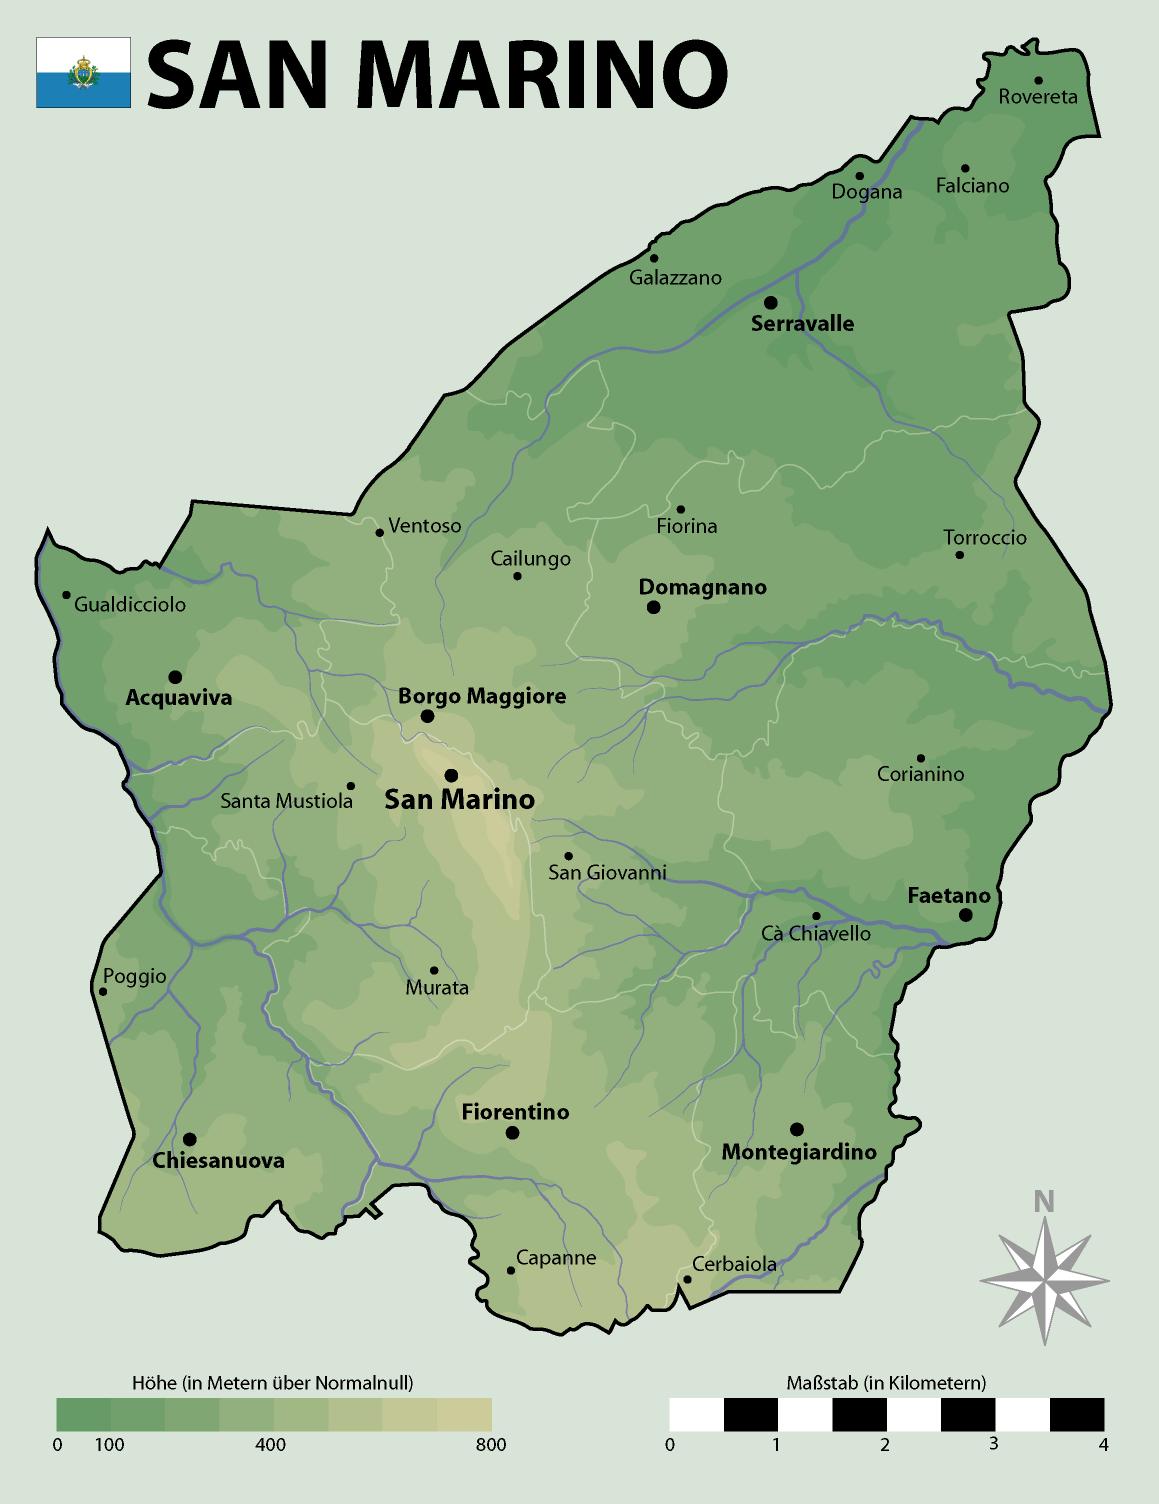 Image:San marino map